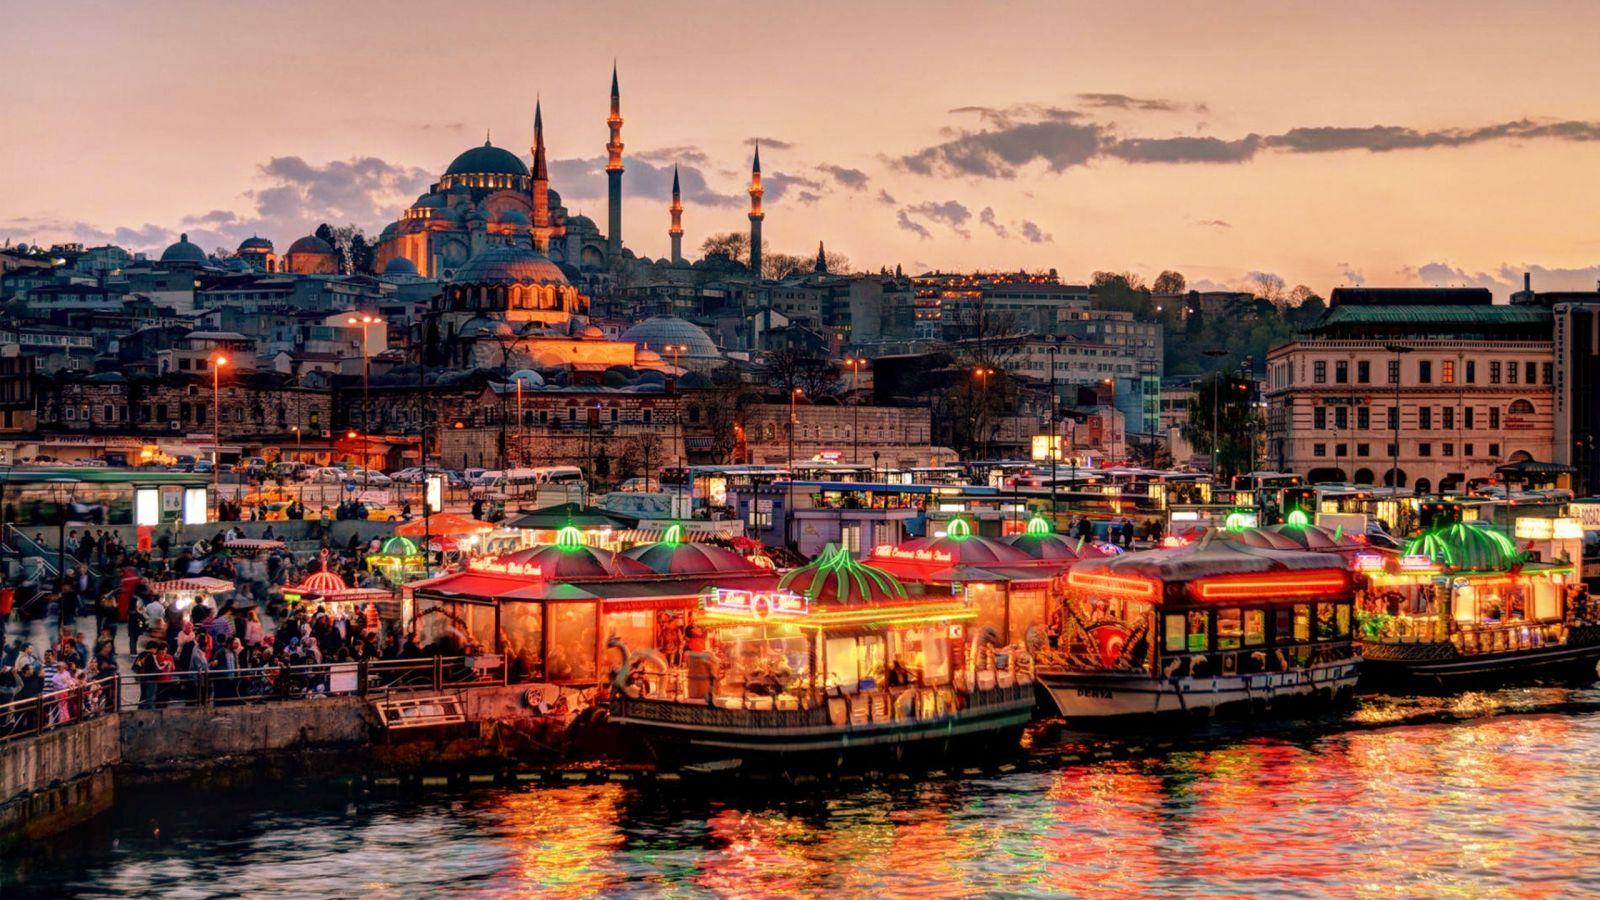 Нічний Стамбул ТУРЕЧЧИНА Тури на Близький Схід Автобусні тури в Туреччину Клуб Мандрівників